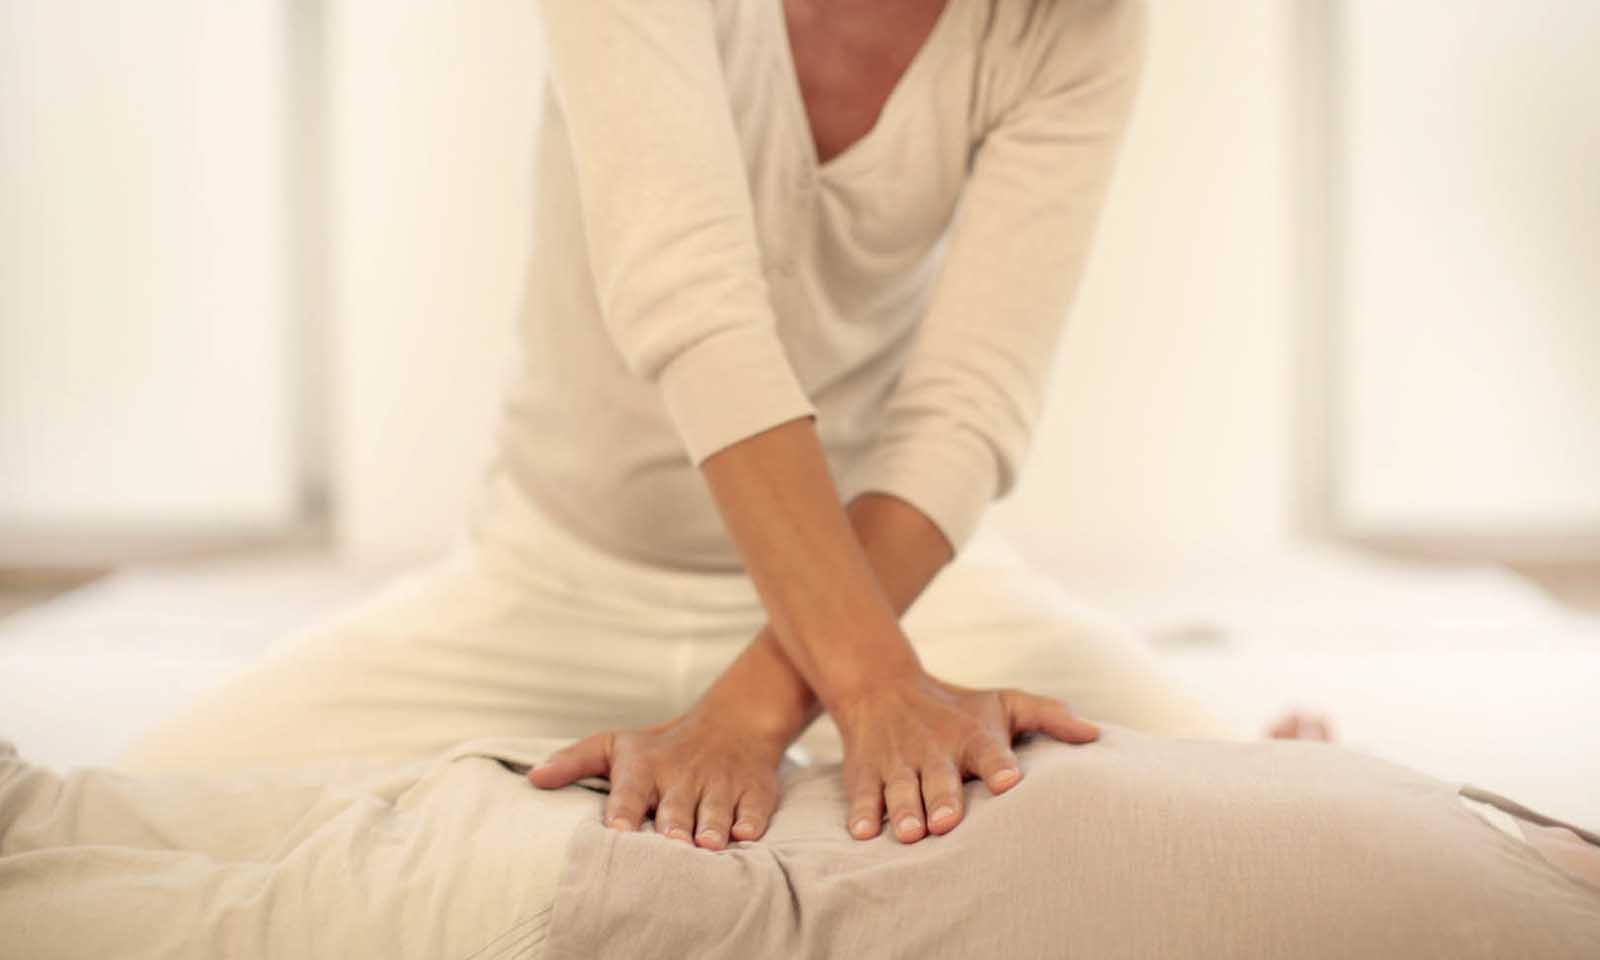 Le massage shiatsu - Originaire de chine, le massage shiatsu offre un toucher par pression, plutôt ferme et profond. C'est un massage à énergie masculine, il apporte de la structure et du cadre intérieur.Particulièrement indiqué pour retrouvé de l'énergie, fluidifier, dynamiser, il permet aussi de libérer la respiration et de relancer la dynamique du corps.